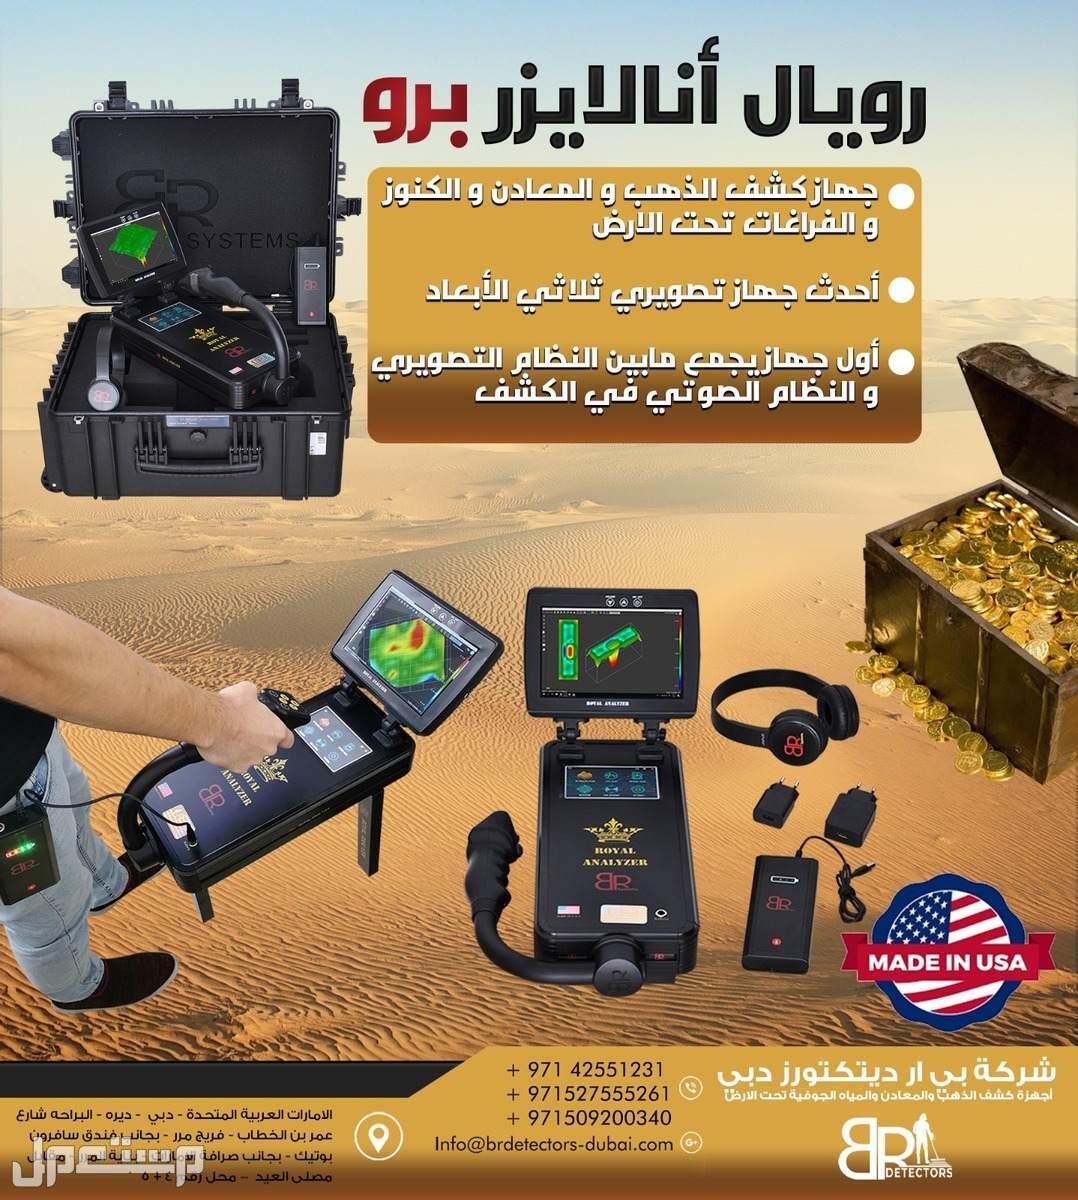 اجهزة كشف الذهب في العراق المحلل الملكي اجهزة كشف الذهب في العراق المحلل الملكي